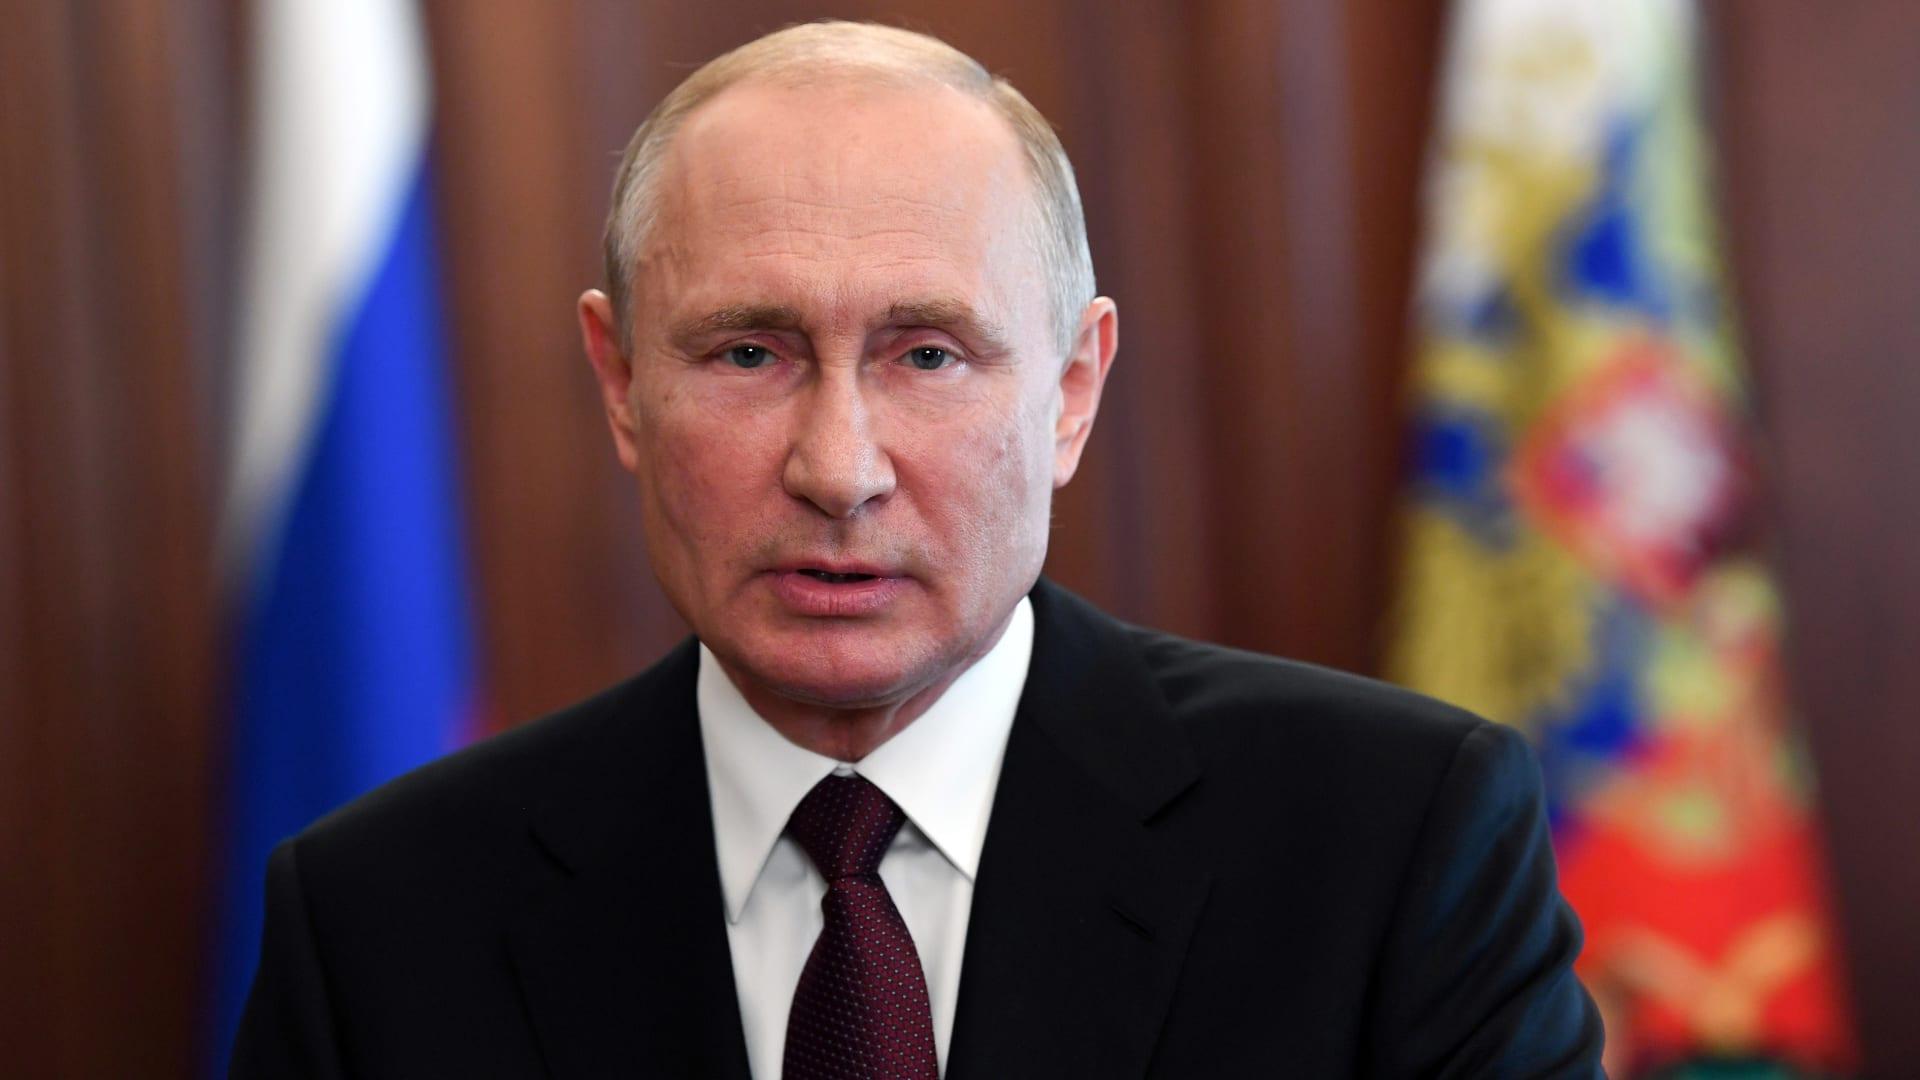 بوتين: البحرية الروسية ستحوز أسلحة نووية أسرع من الصوت